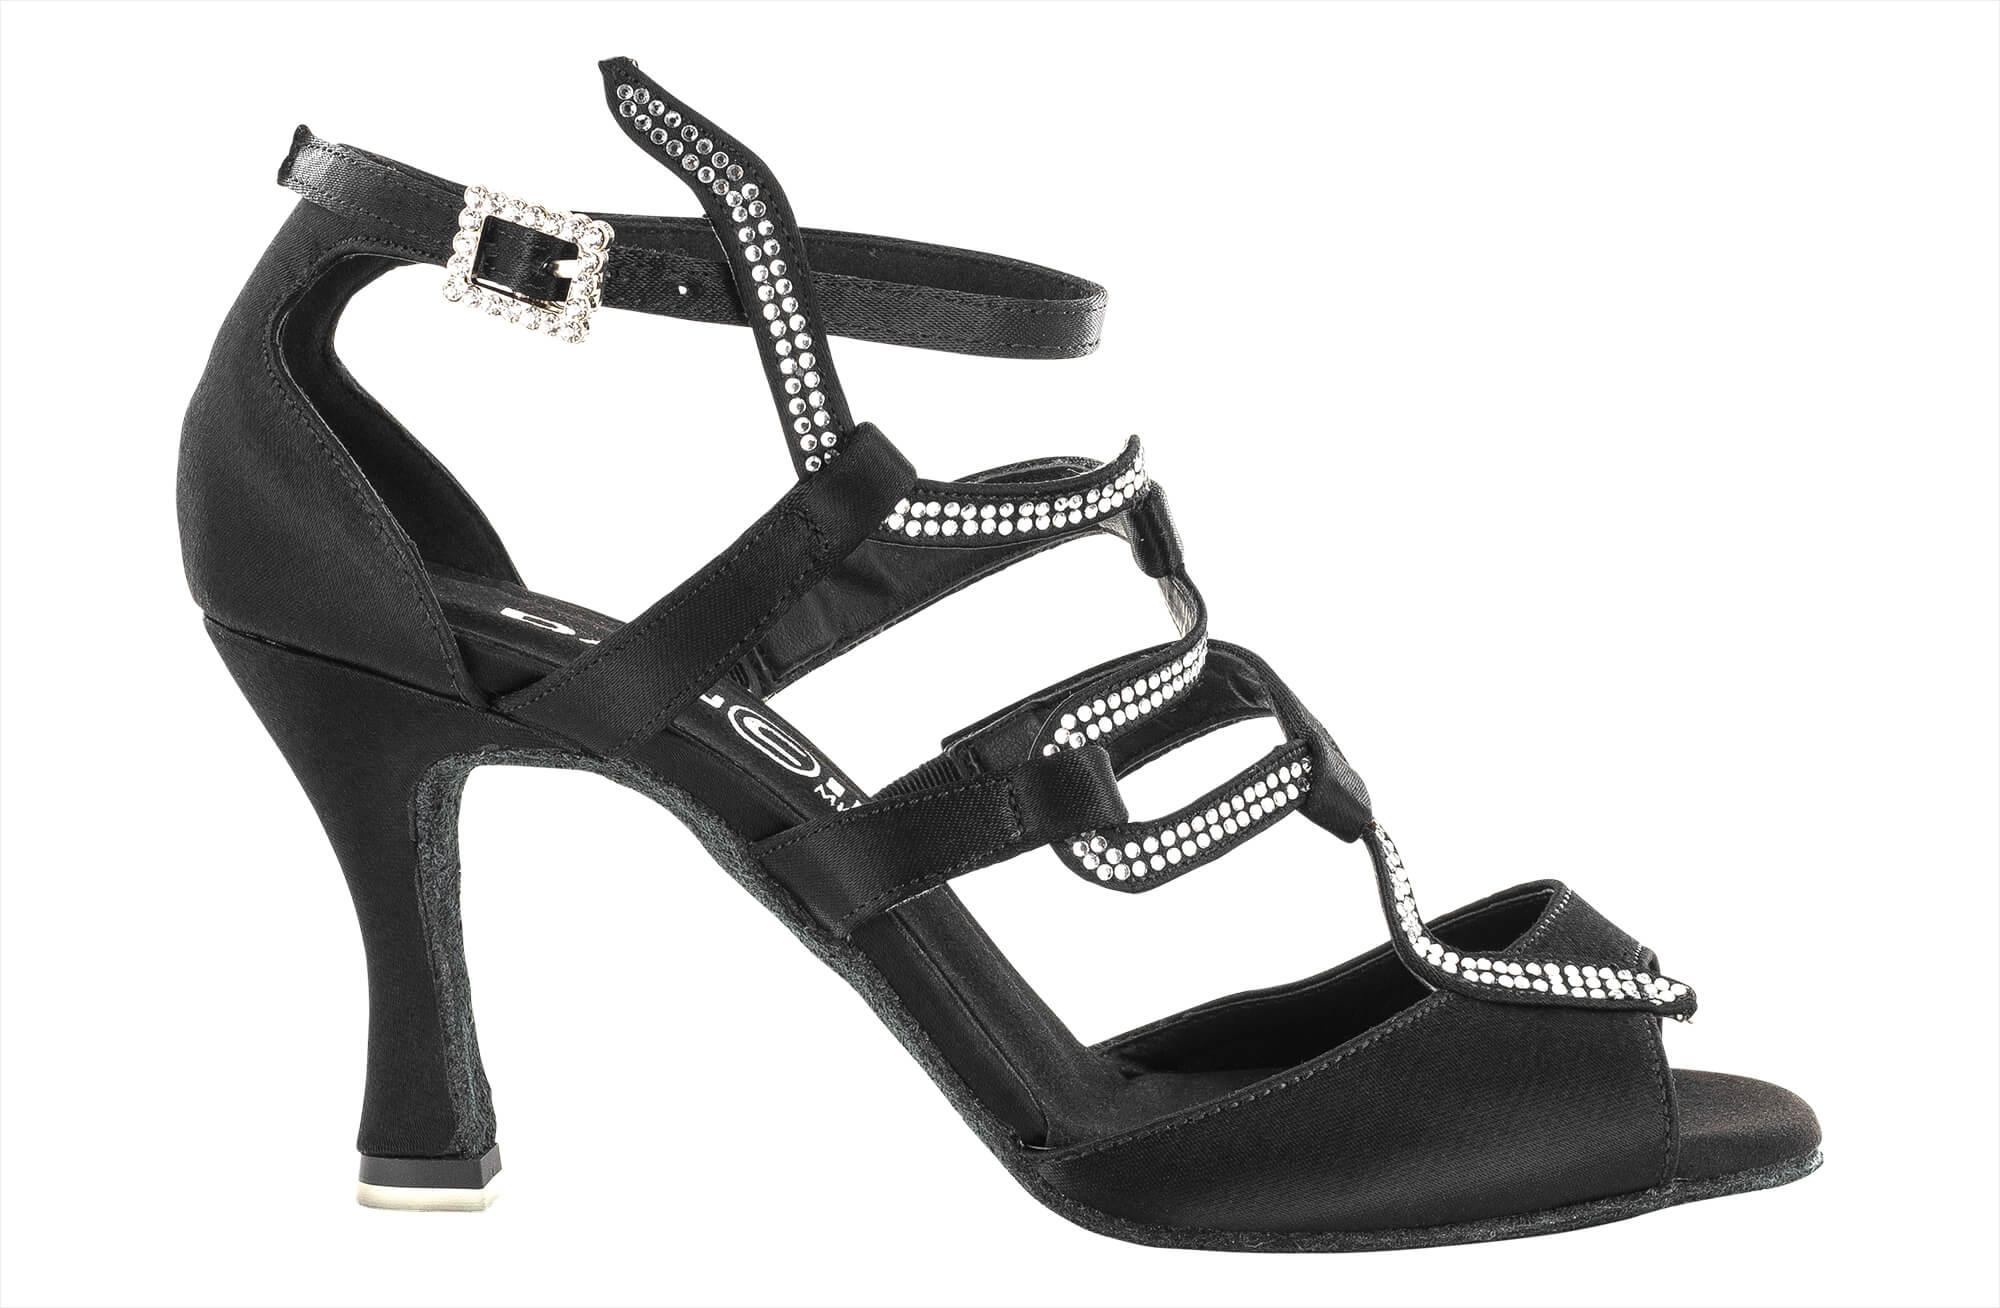 Zapato de Baile Danc'in con motivo «SNAKE» en Raso Negro con Tacón de 7.5cm